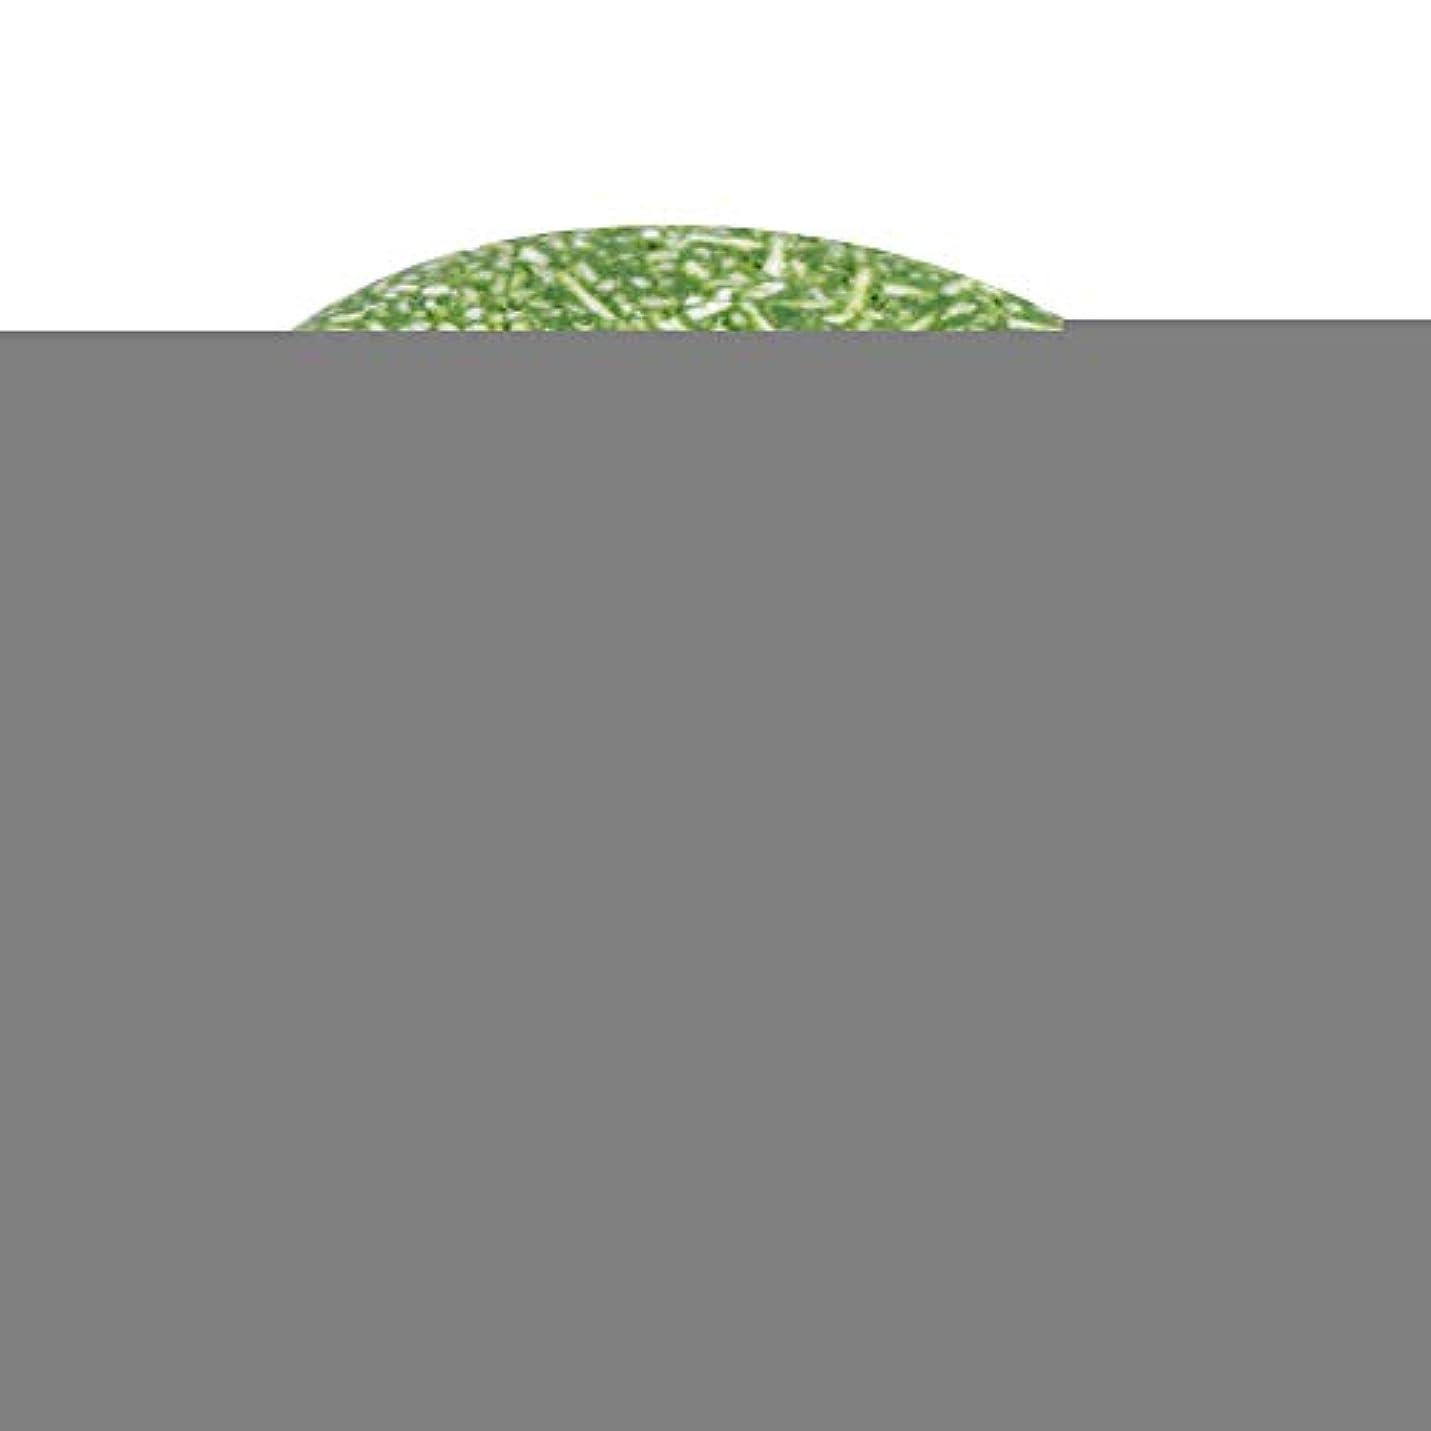 バズトレード増幅4色オーガニック手作りコールド加工シナモンシャンプーバー100%ピュアヘアシャンプー(緑)